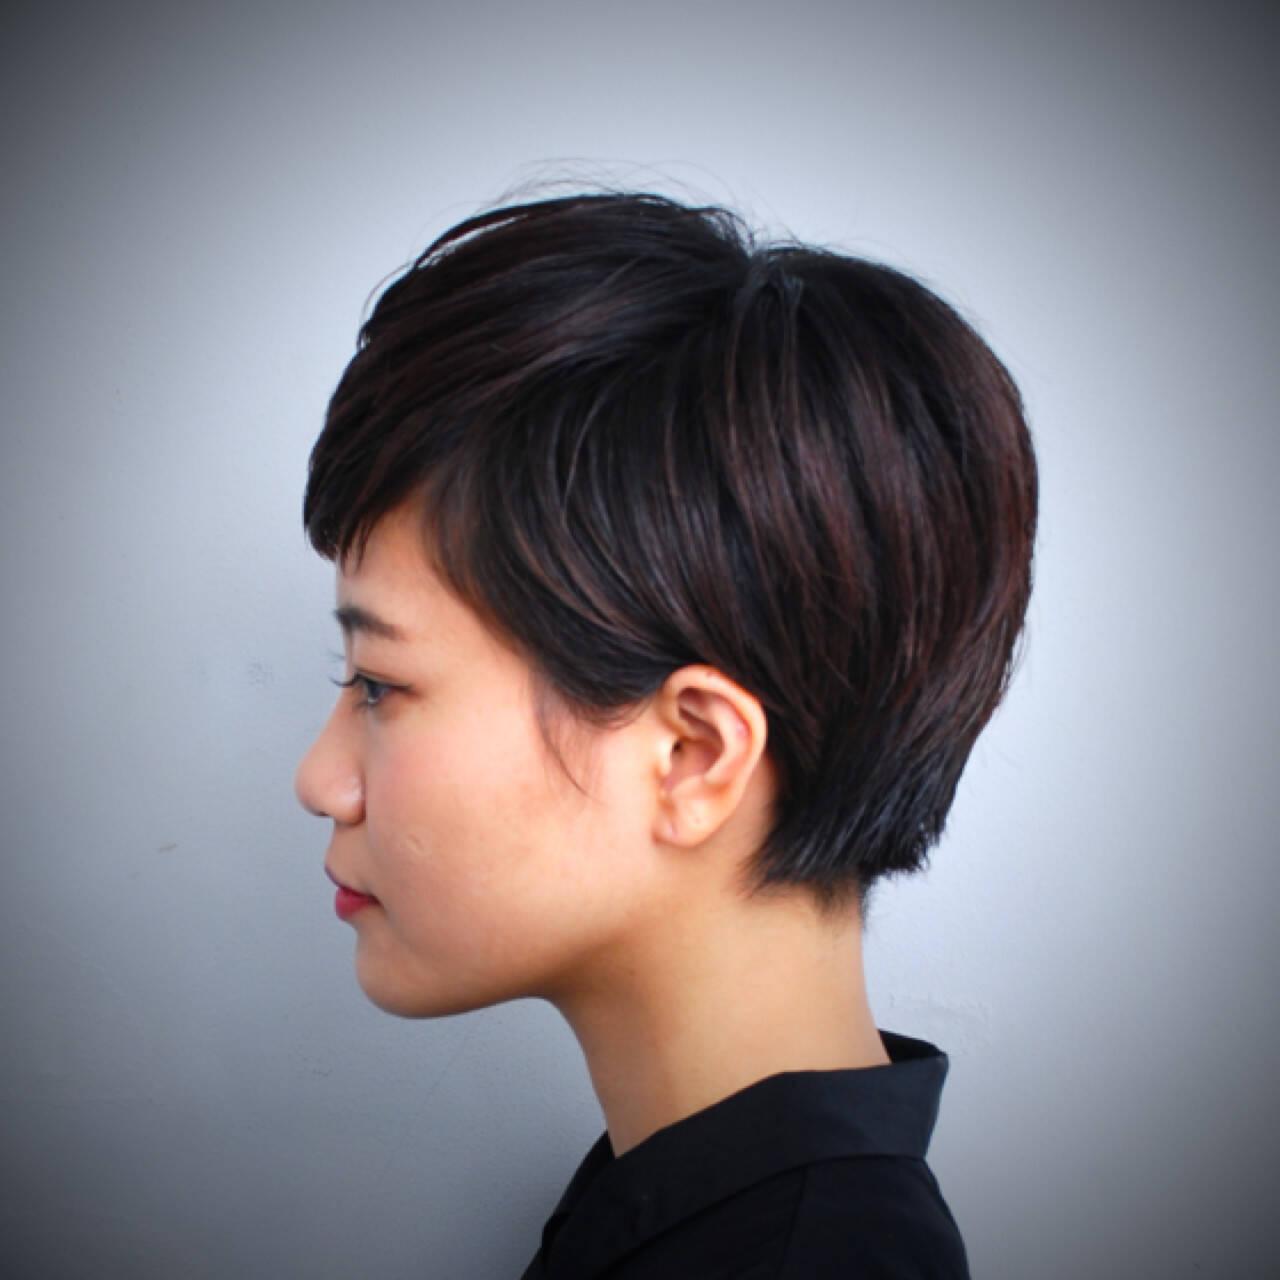 黒髪 ショート モード 暗髪ヘアスタイルや髪型の写真・画像